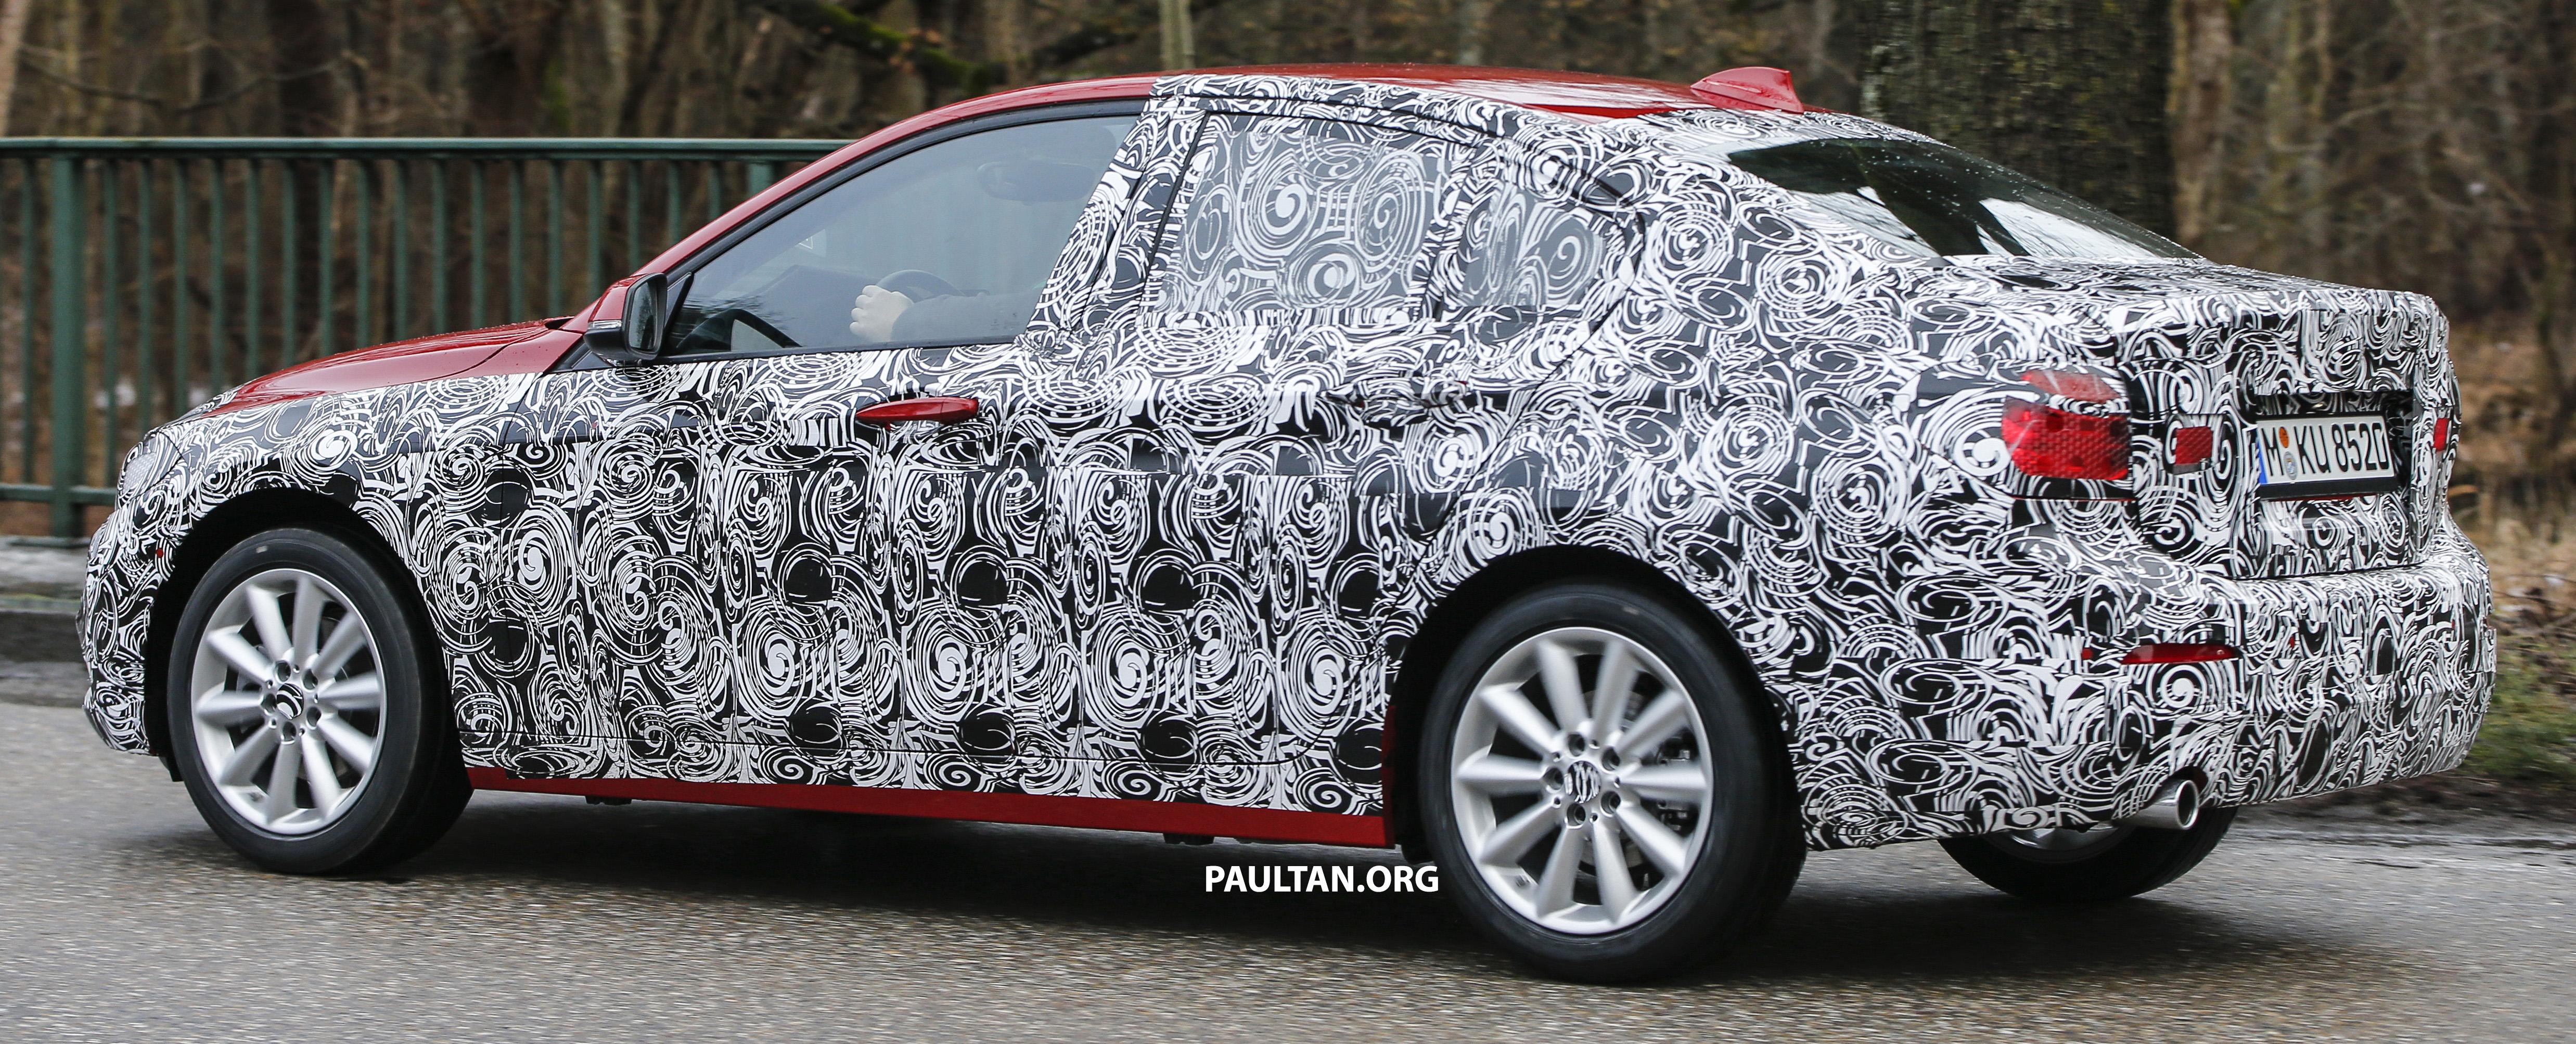 BMW-1-series-Sedan-007